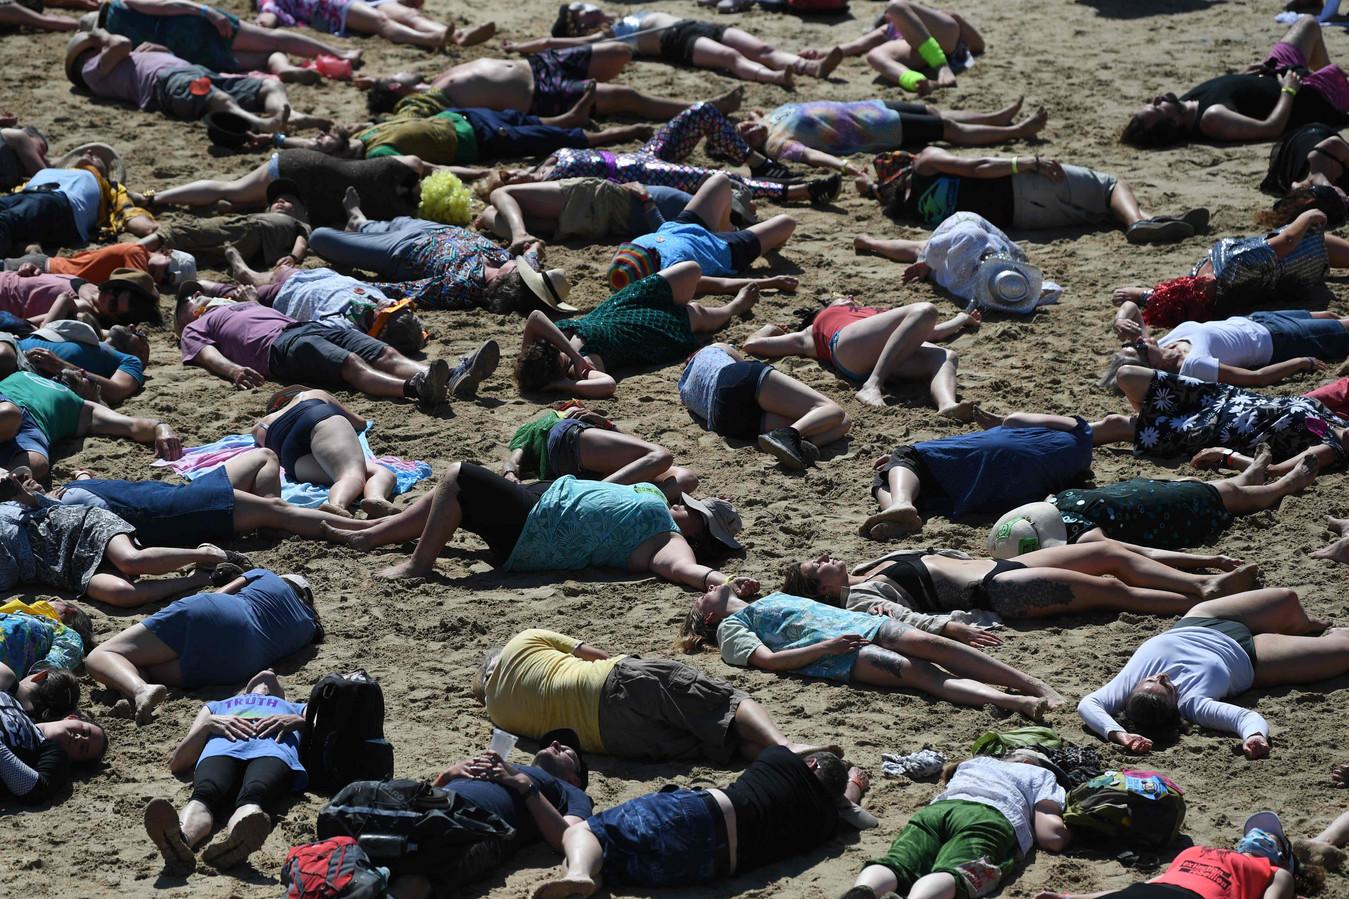 Milieu-activisten van Extinction Rebellion protesteren op een strand in de buurt van de G7-top.